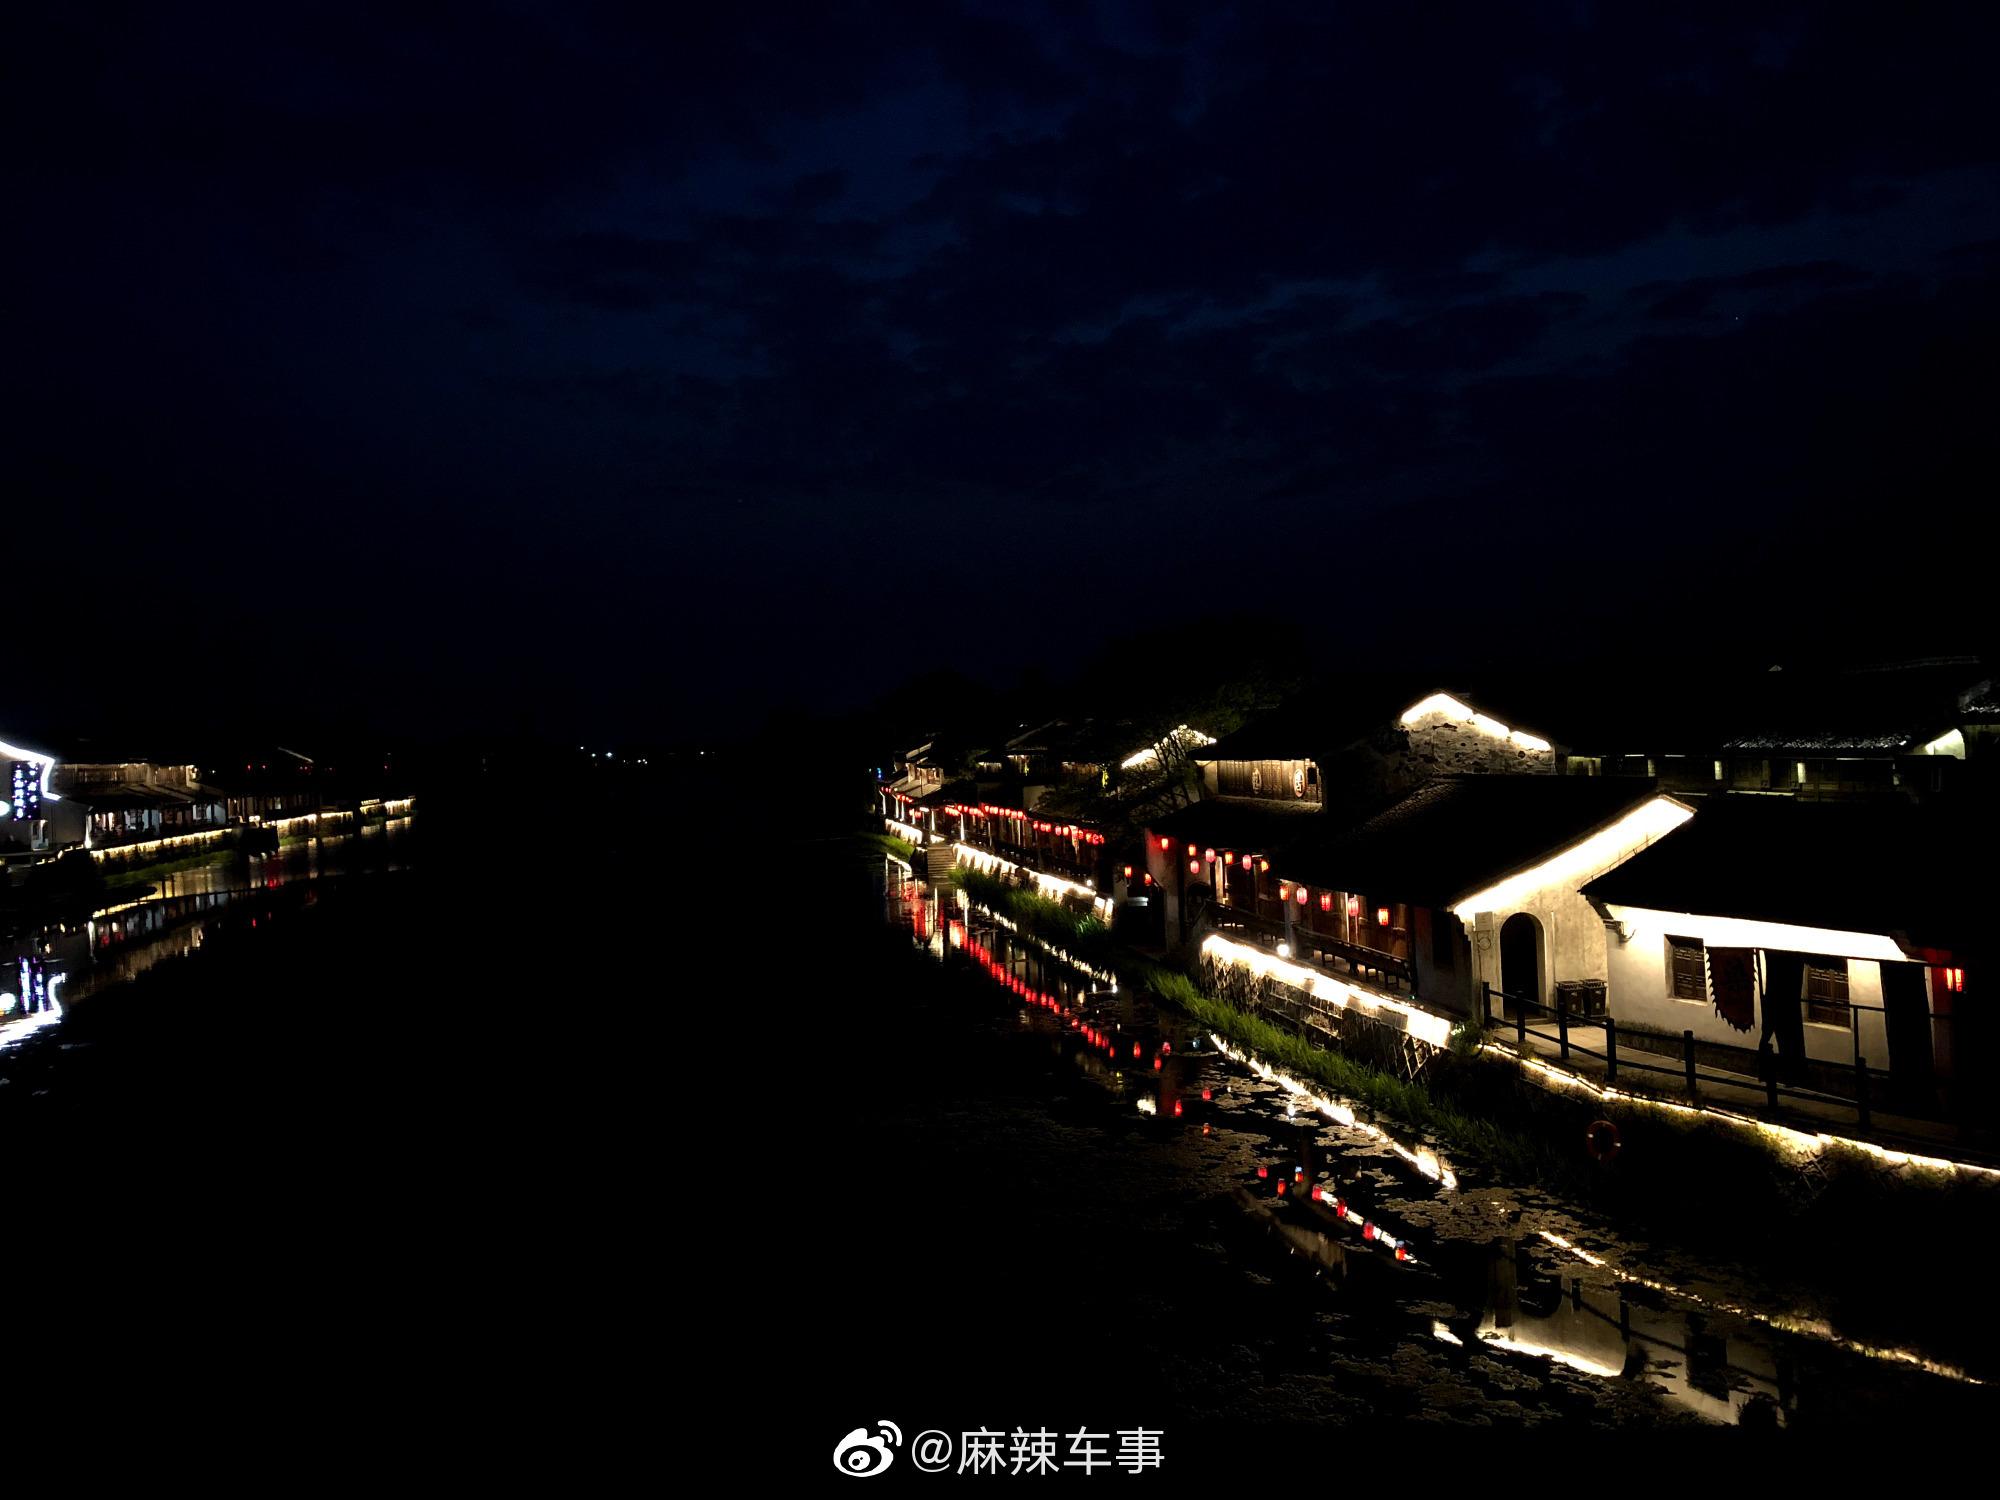 塘栖镇,著名的京杭大运河穿镇而过